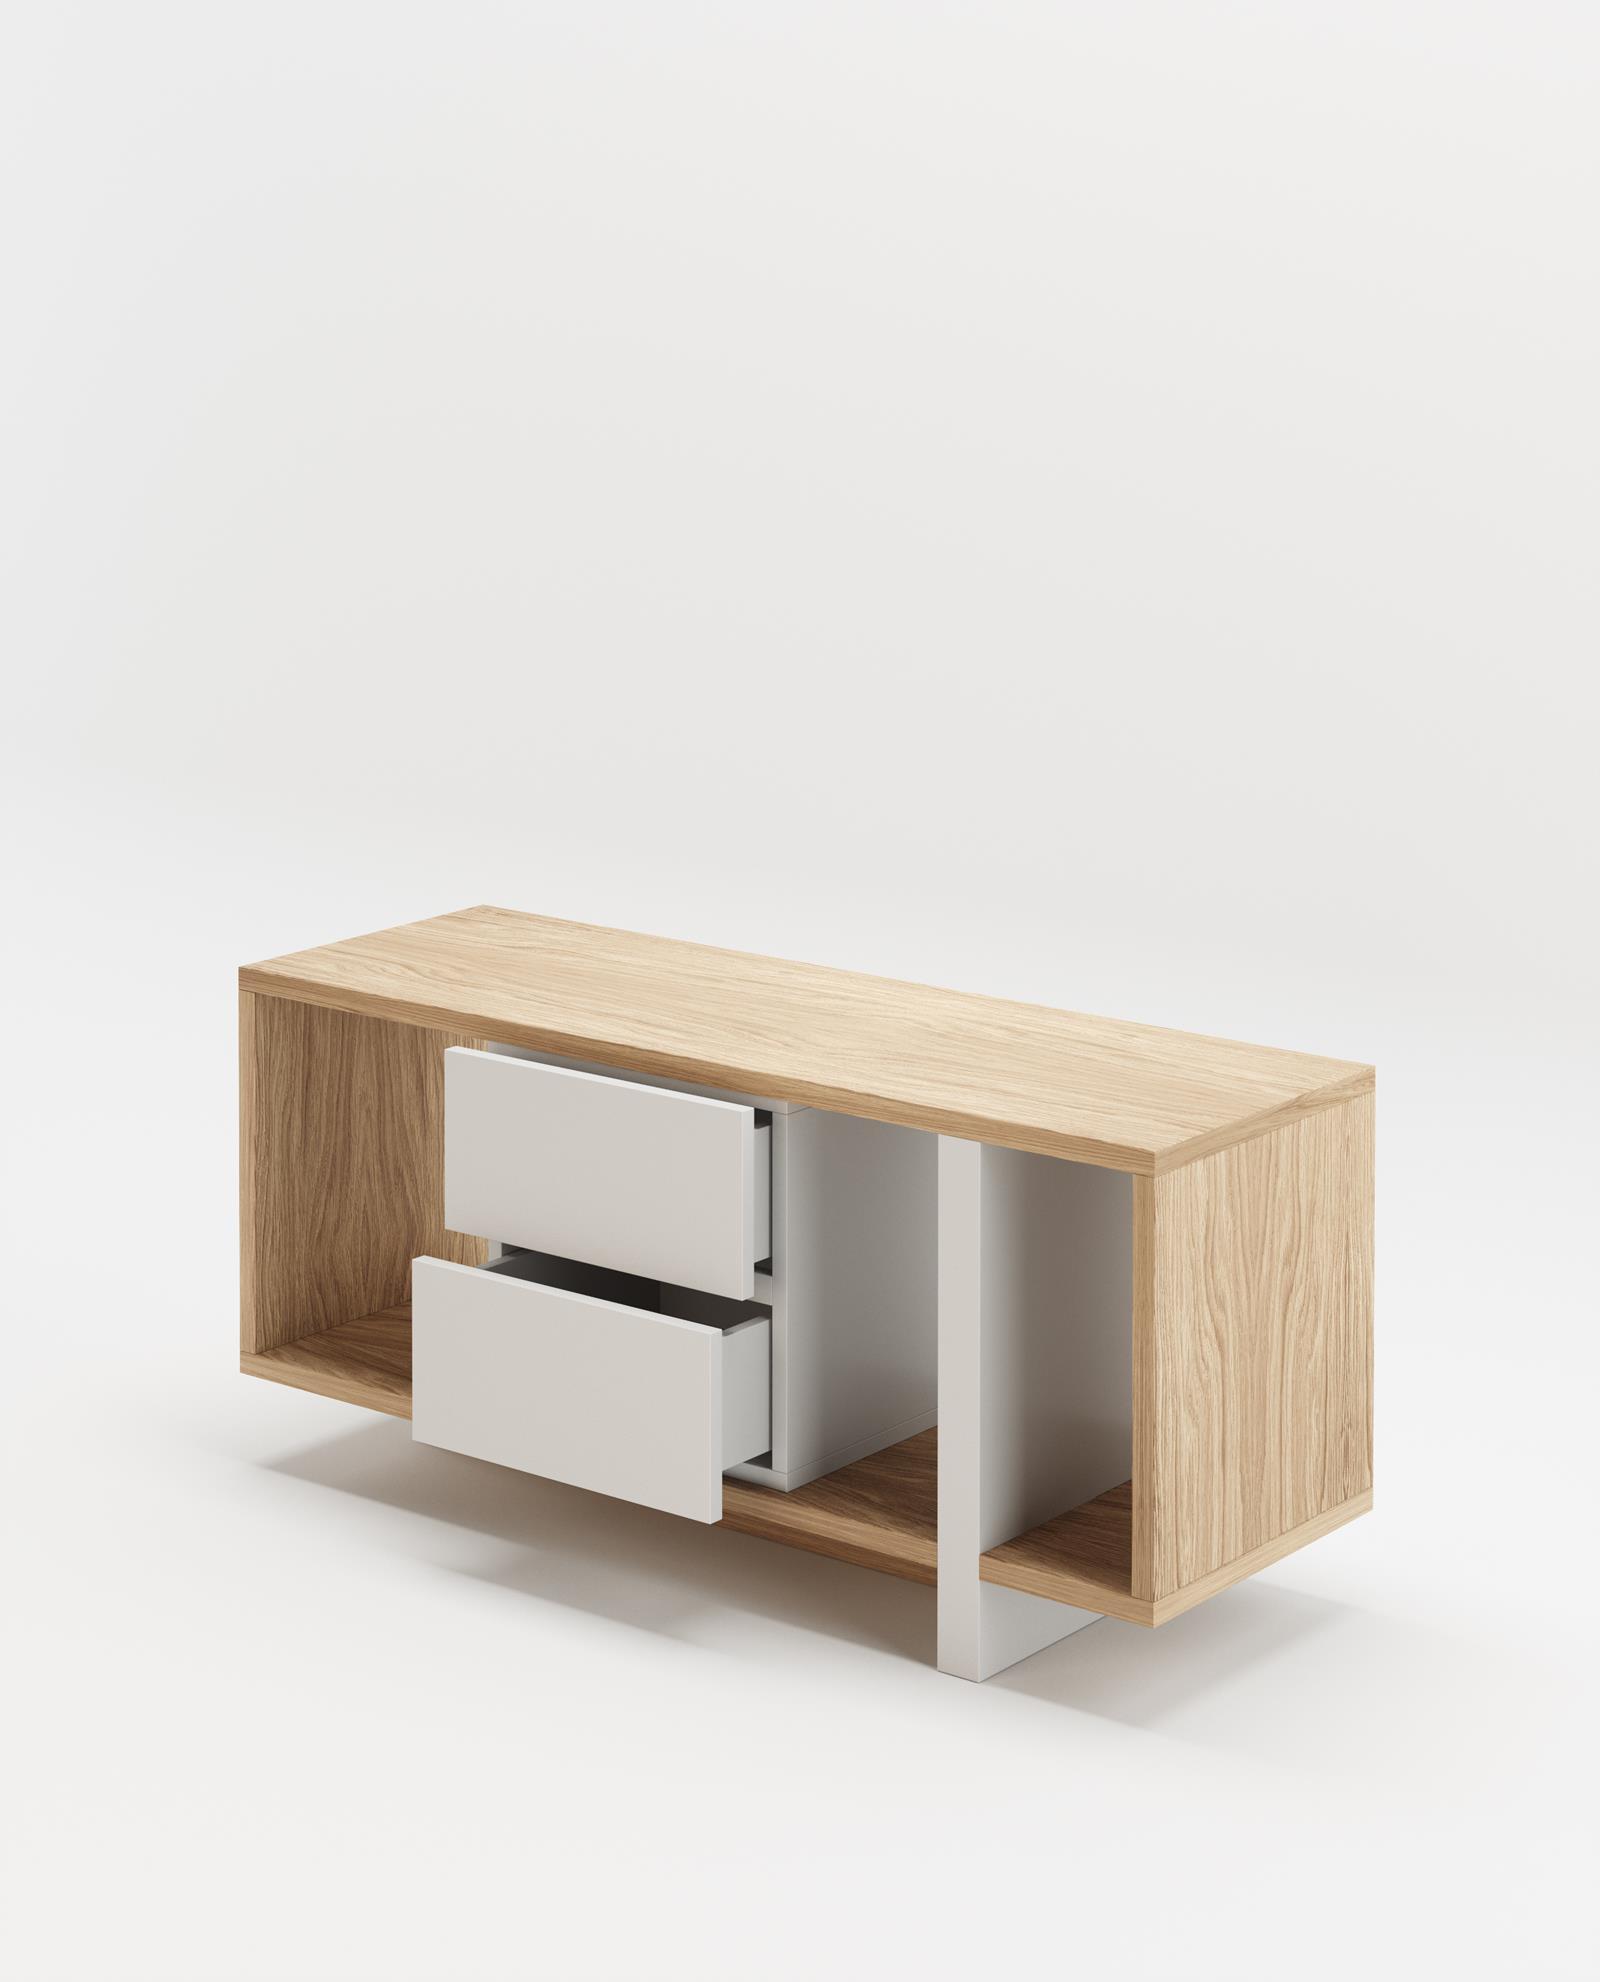 movel-apoio-madeira-gavetas-branco-carvalho (1)